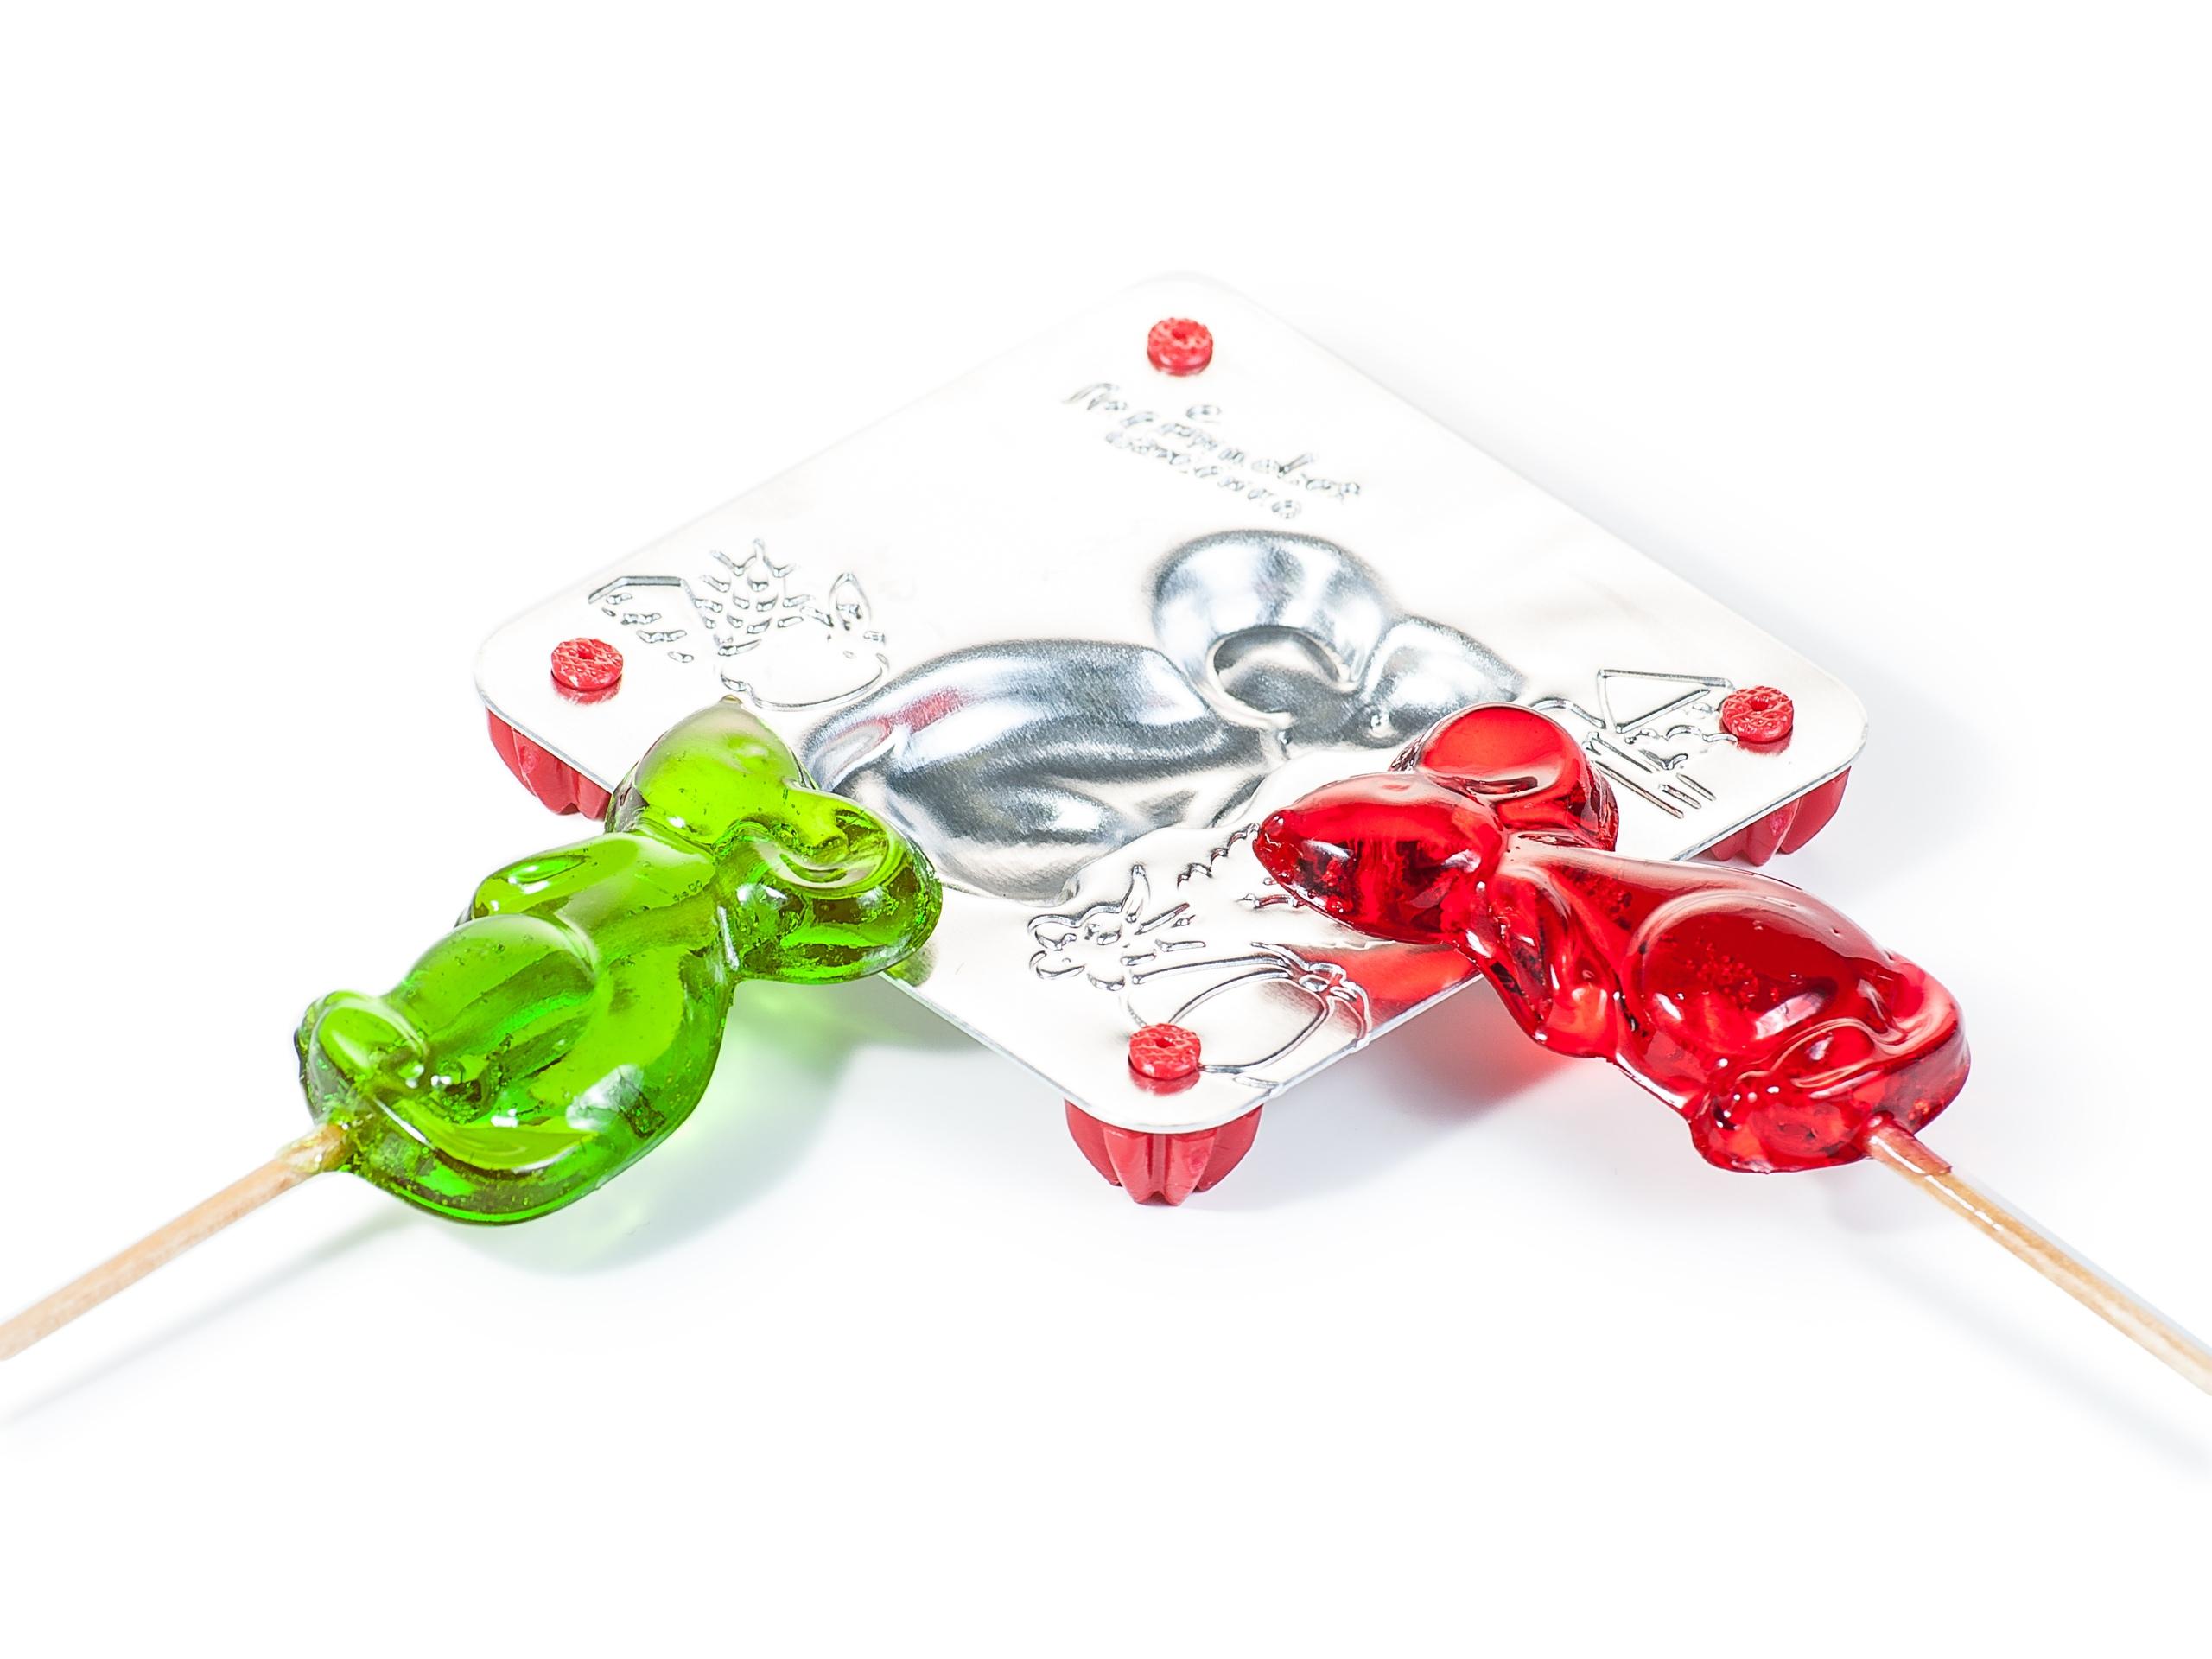 Популярные формы для леденцов, печенья, пряников, трафареты. 6q8OAwNmg7A